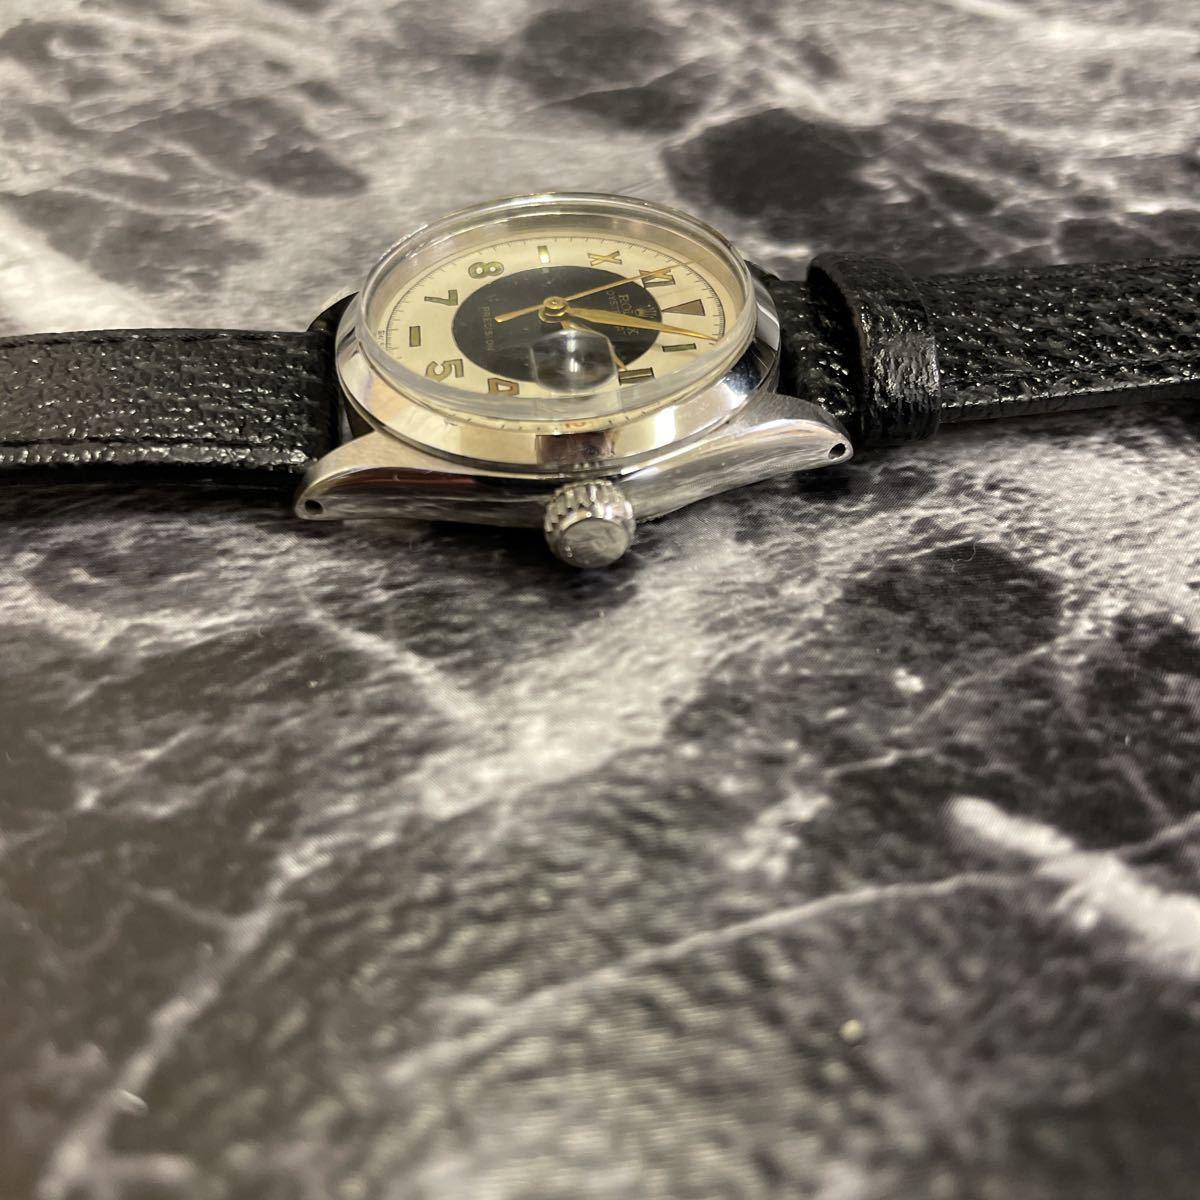 希少文字盤・稼働品・ROLEX ロレックス オイスターデイト プレシジョン 腕時計 ボーイズ メンズ 6466 17石 アンティーク 手巻き式//3260_画像5